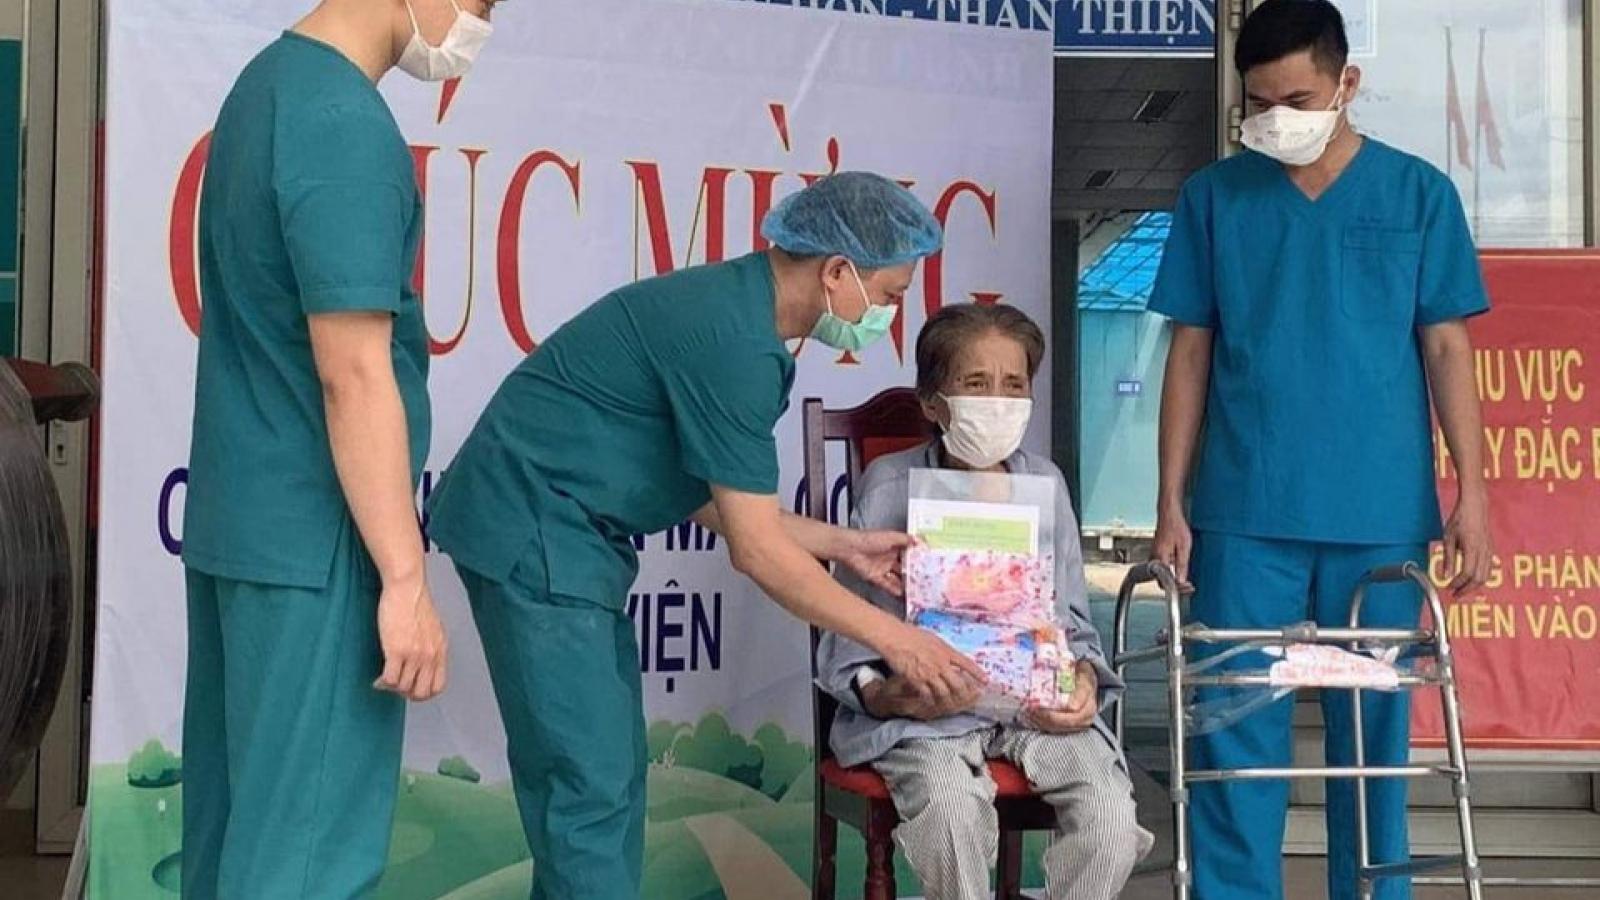 Bệnh nhân ung thư vú, 75 tuổi, được điều trị khỏi Covid-19